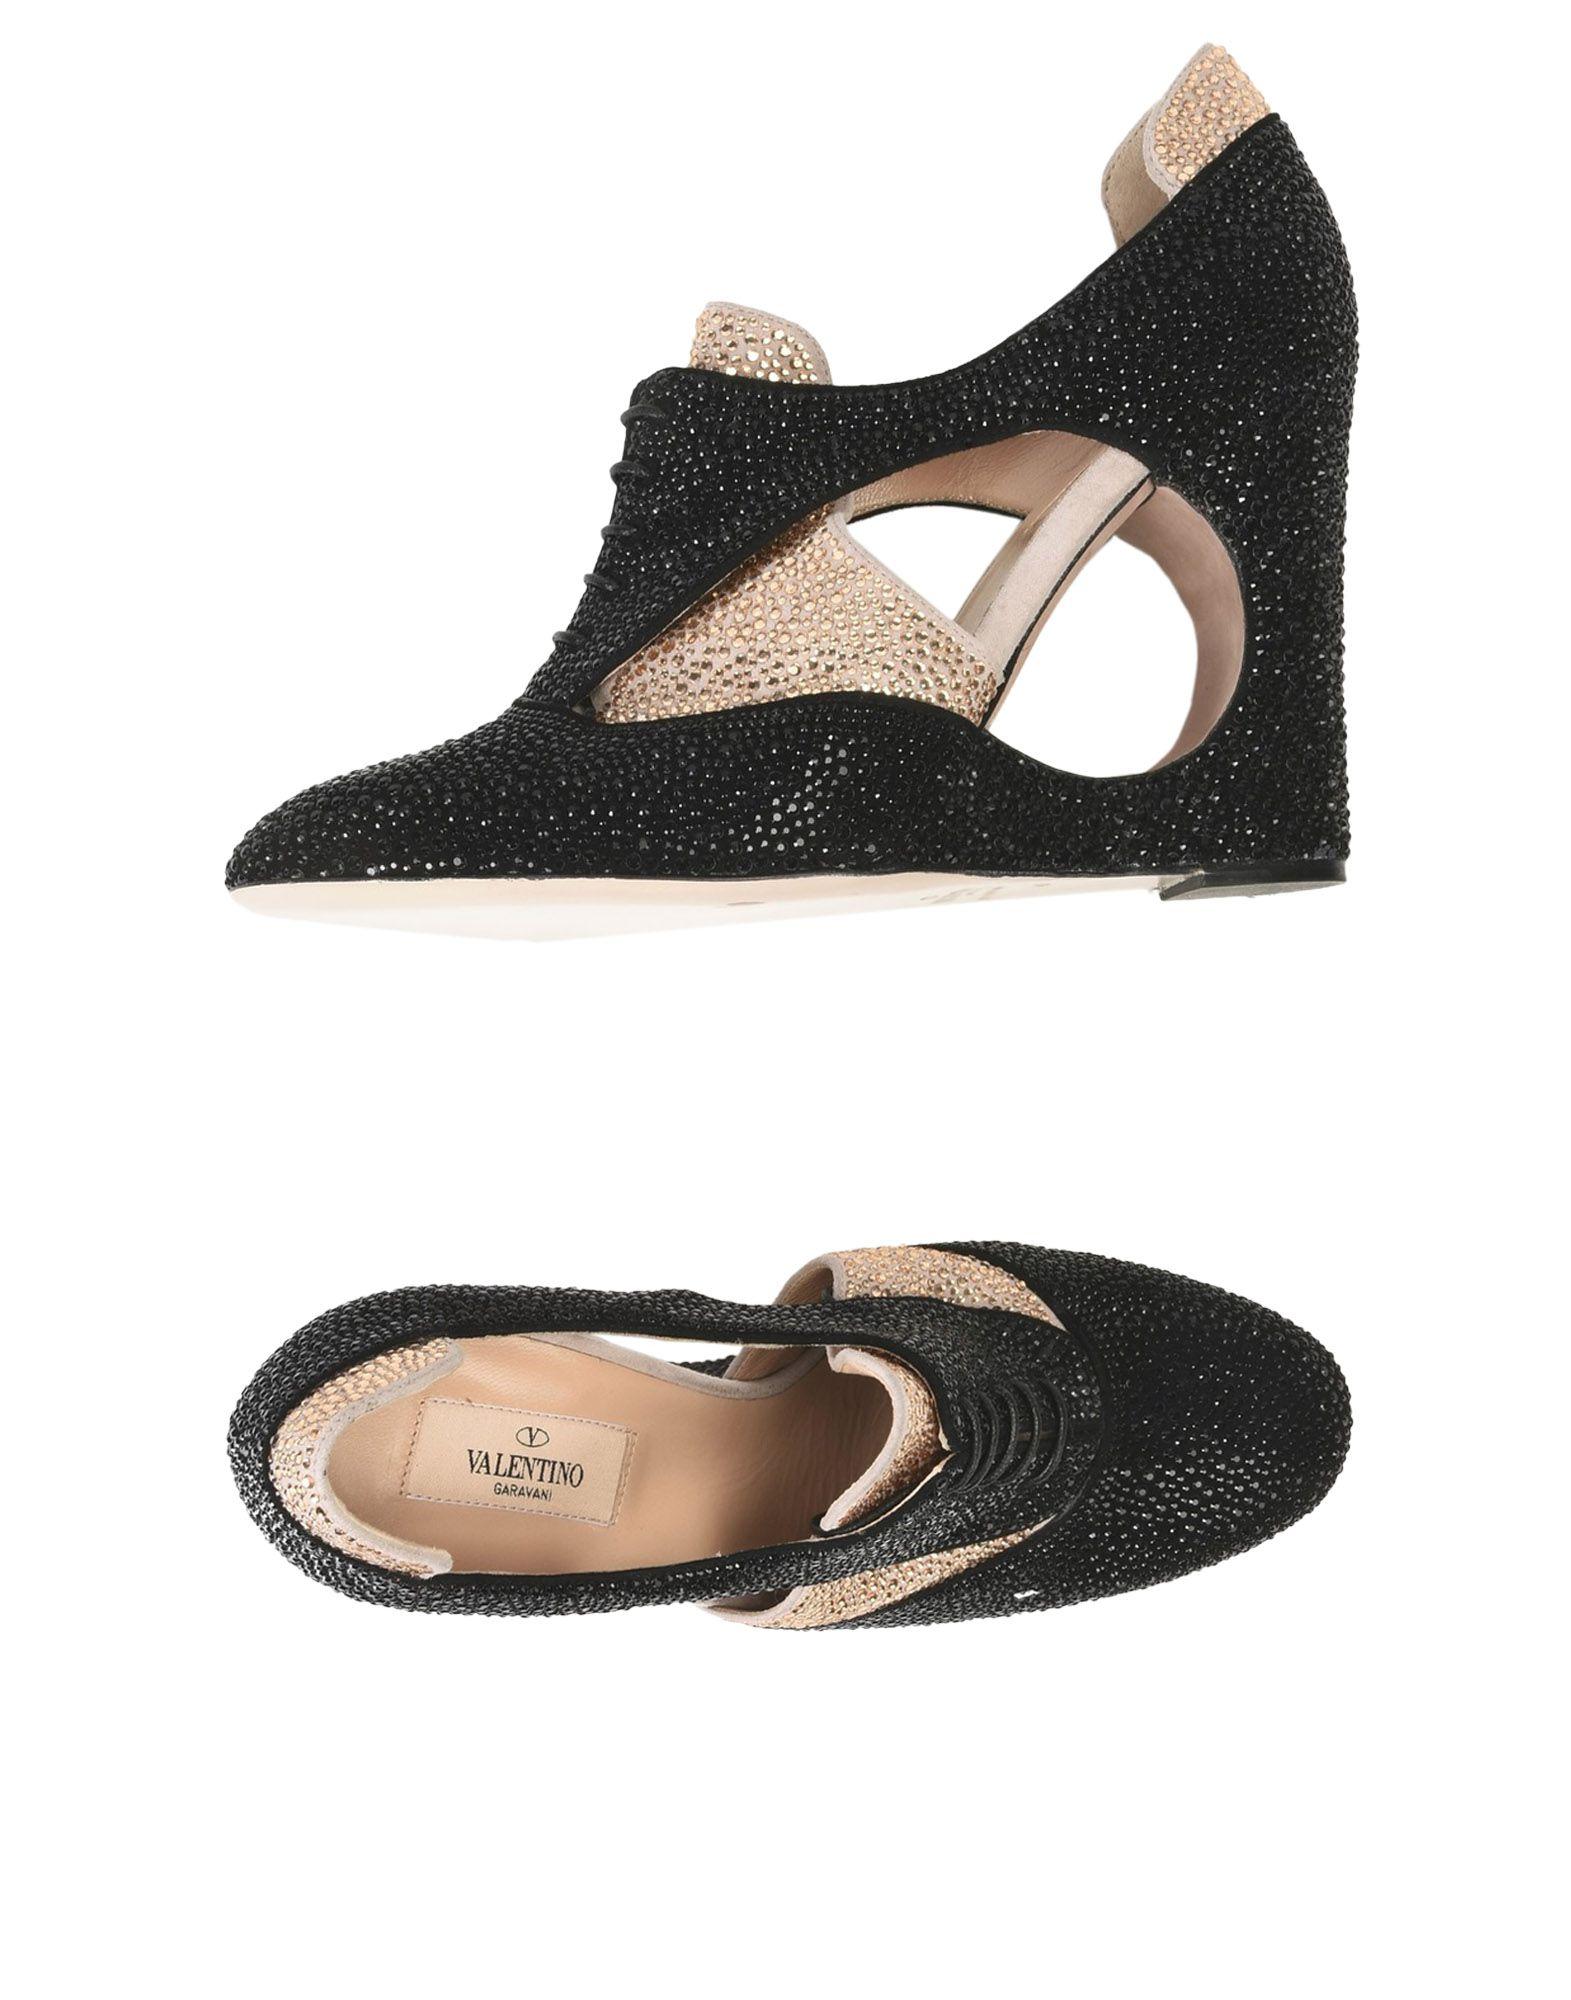 Valentino Garavani Schnürschuhe Damen  11477109ULGünstige gut aussehende Schuhe